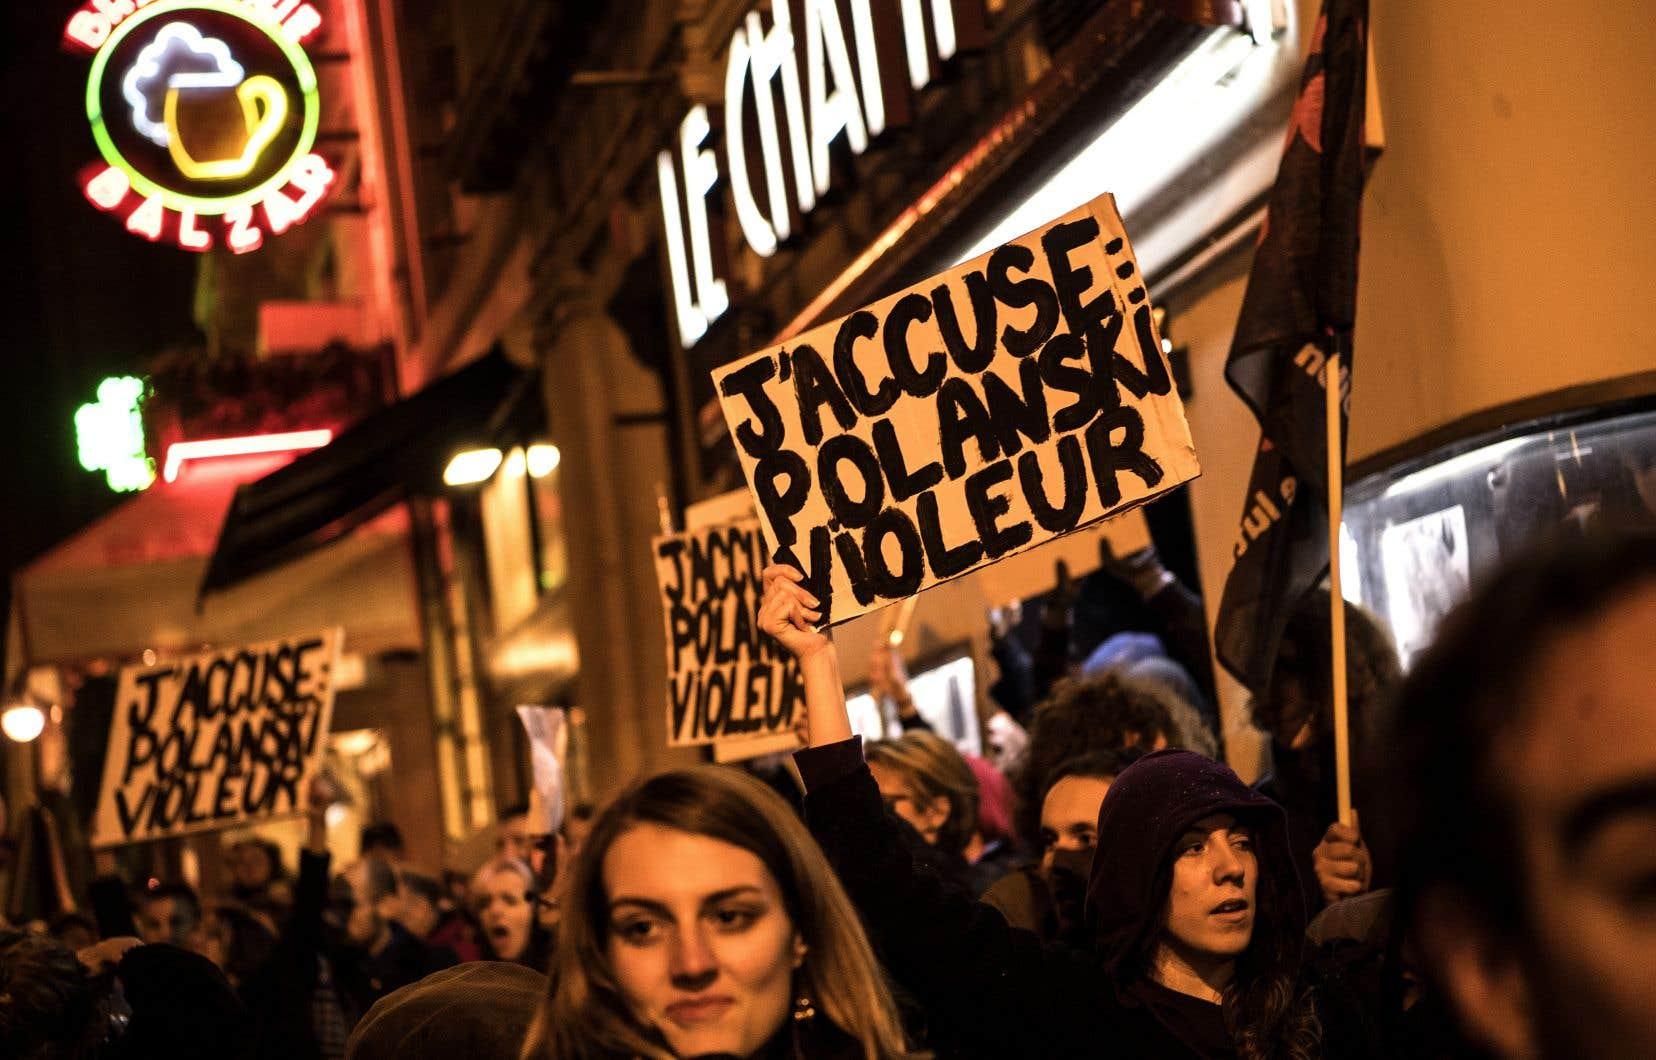 Après l'annulation d'une avant-première à Paris mardi, un mot-clic #BoycottPolanski est apparu sur les réseaux sociaux.